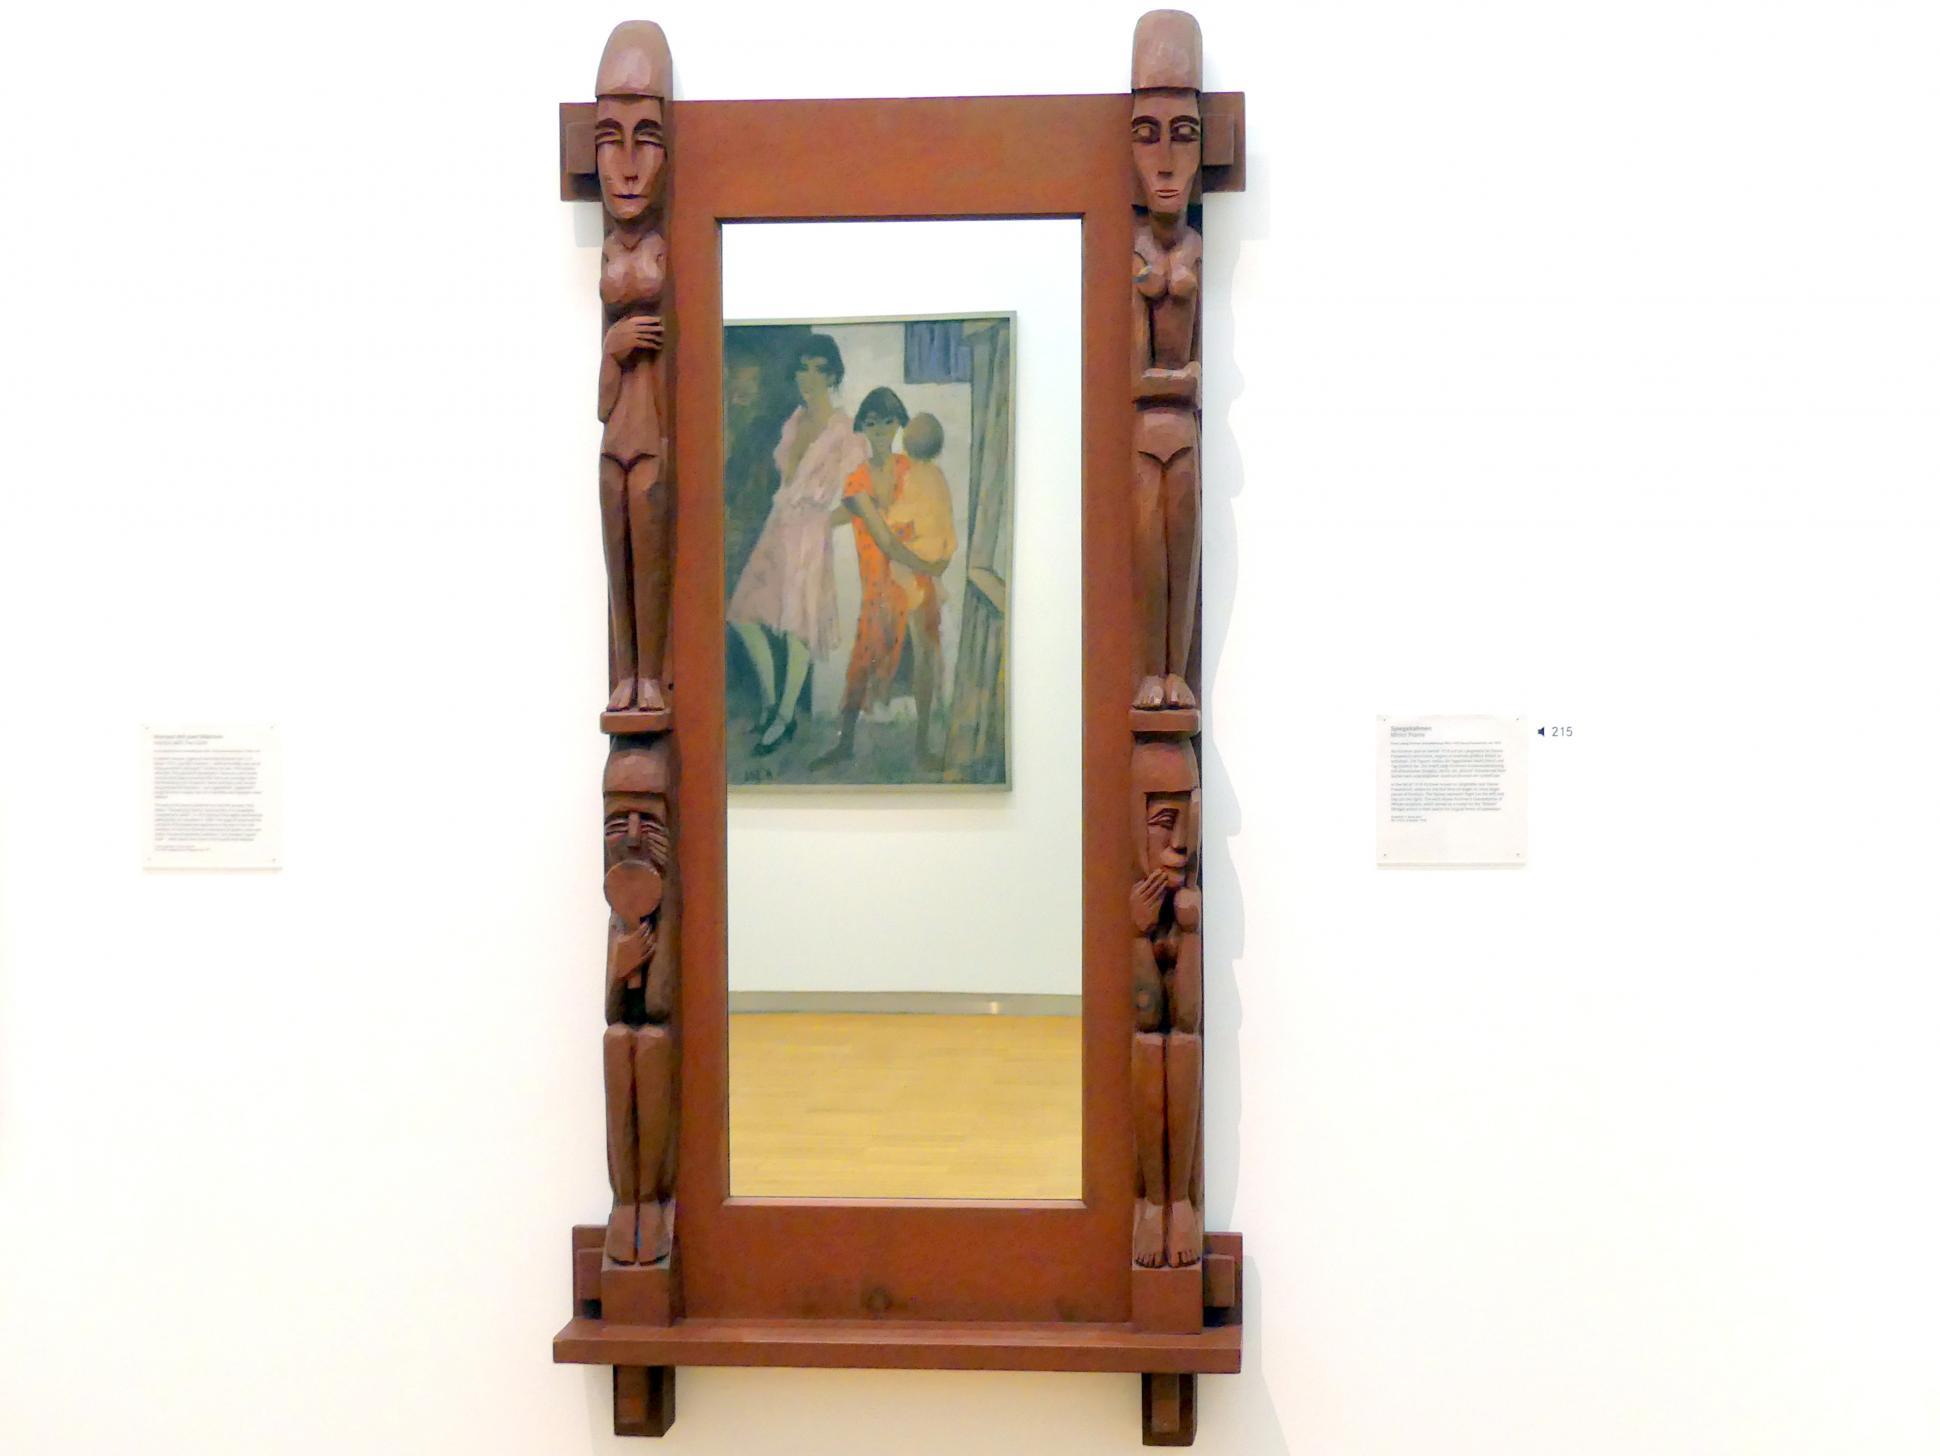 Ernst Ludwig Kirchner: Spiegelrahmen, um 1923